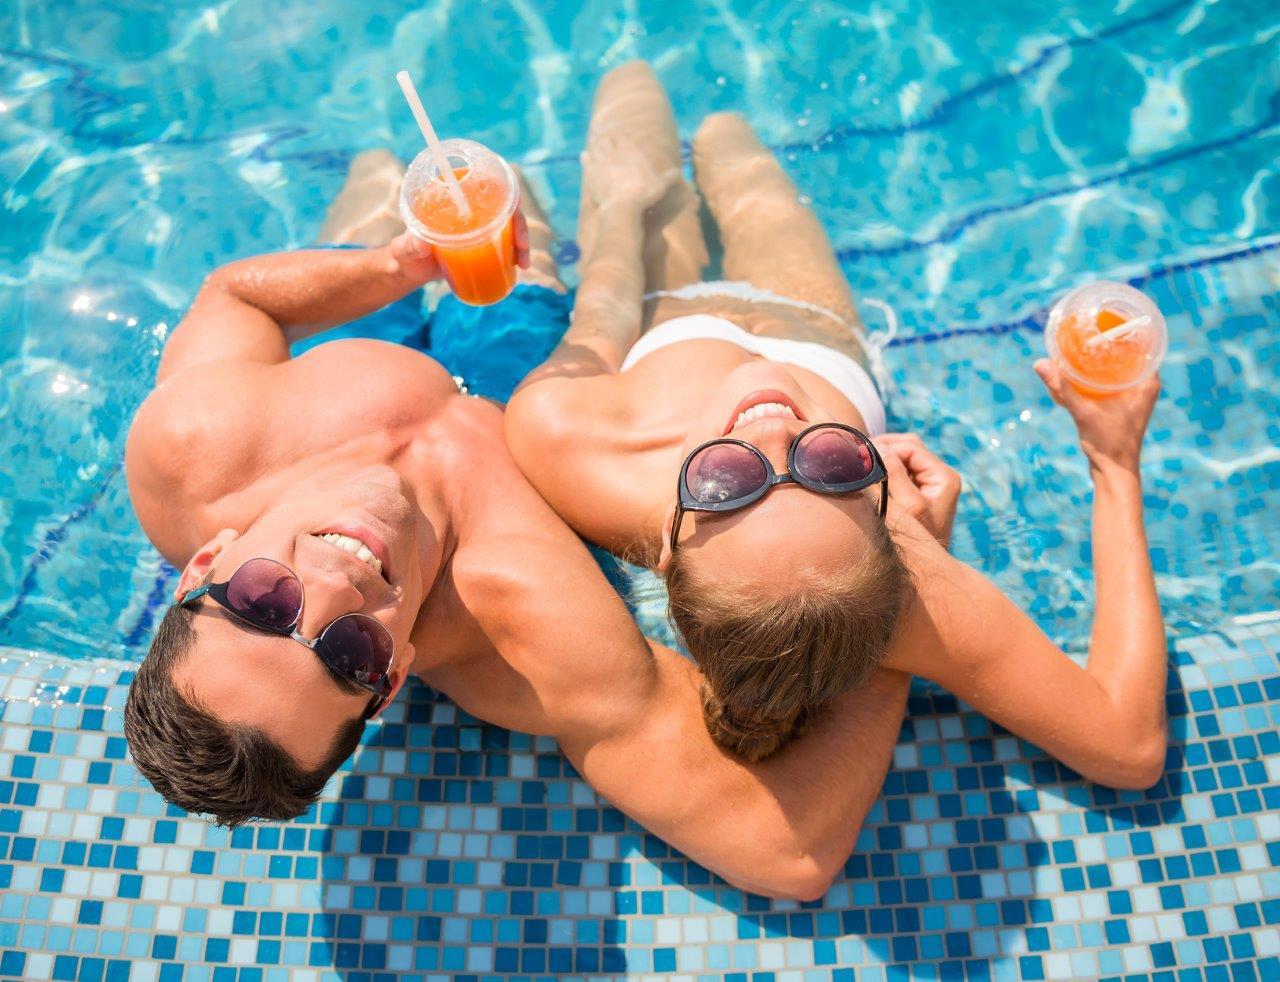 Wet voor verhuur van vakantiewoningen in Andalusië